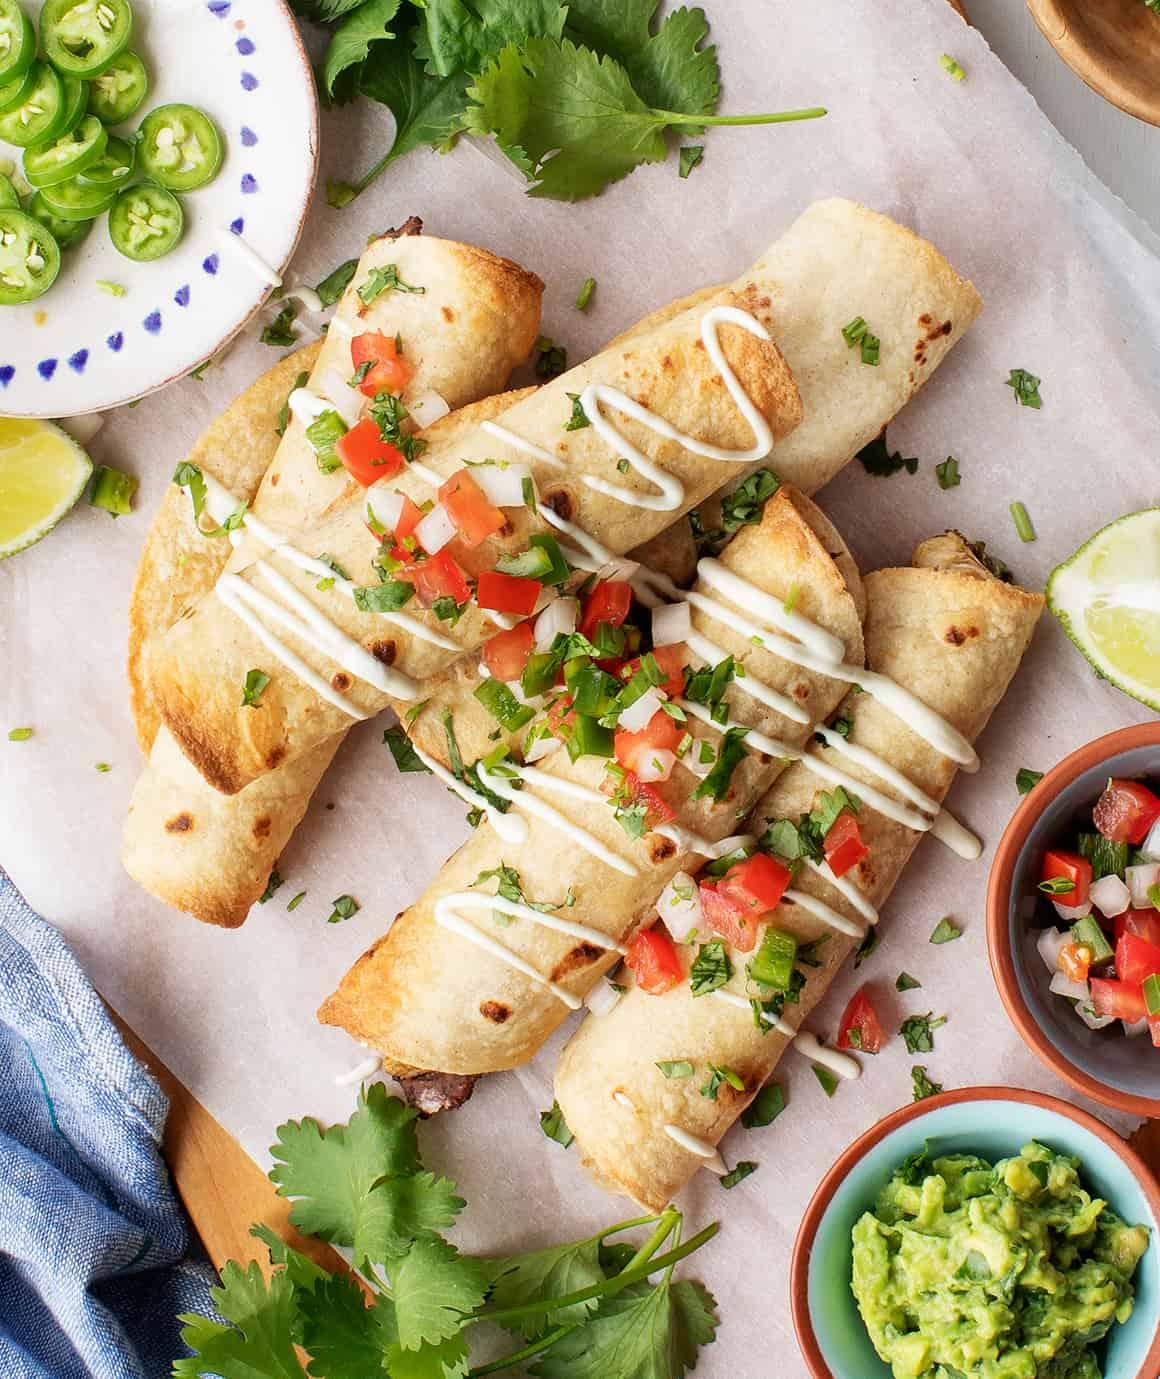 Taquitos with sour cream and pico de gallo